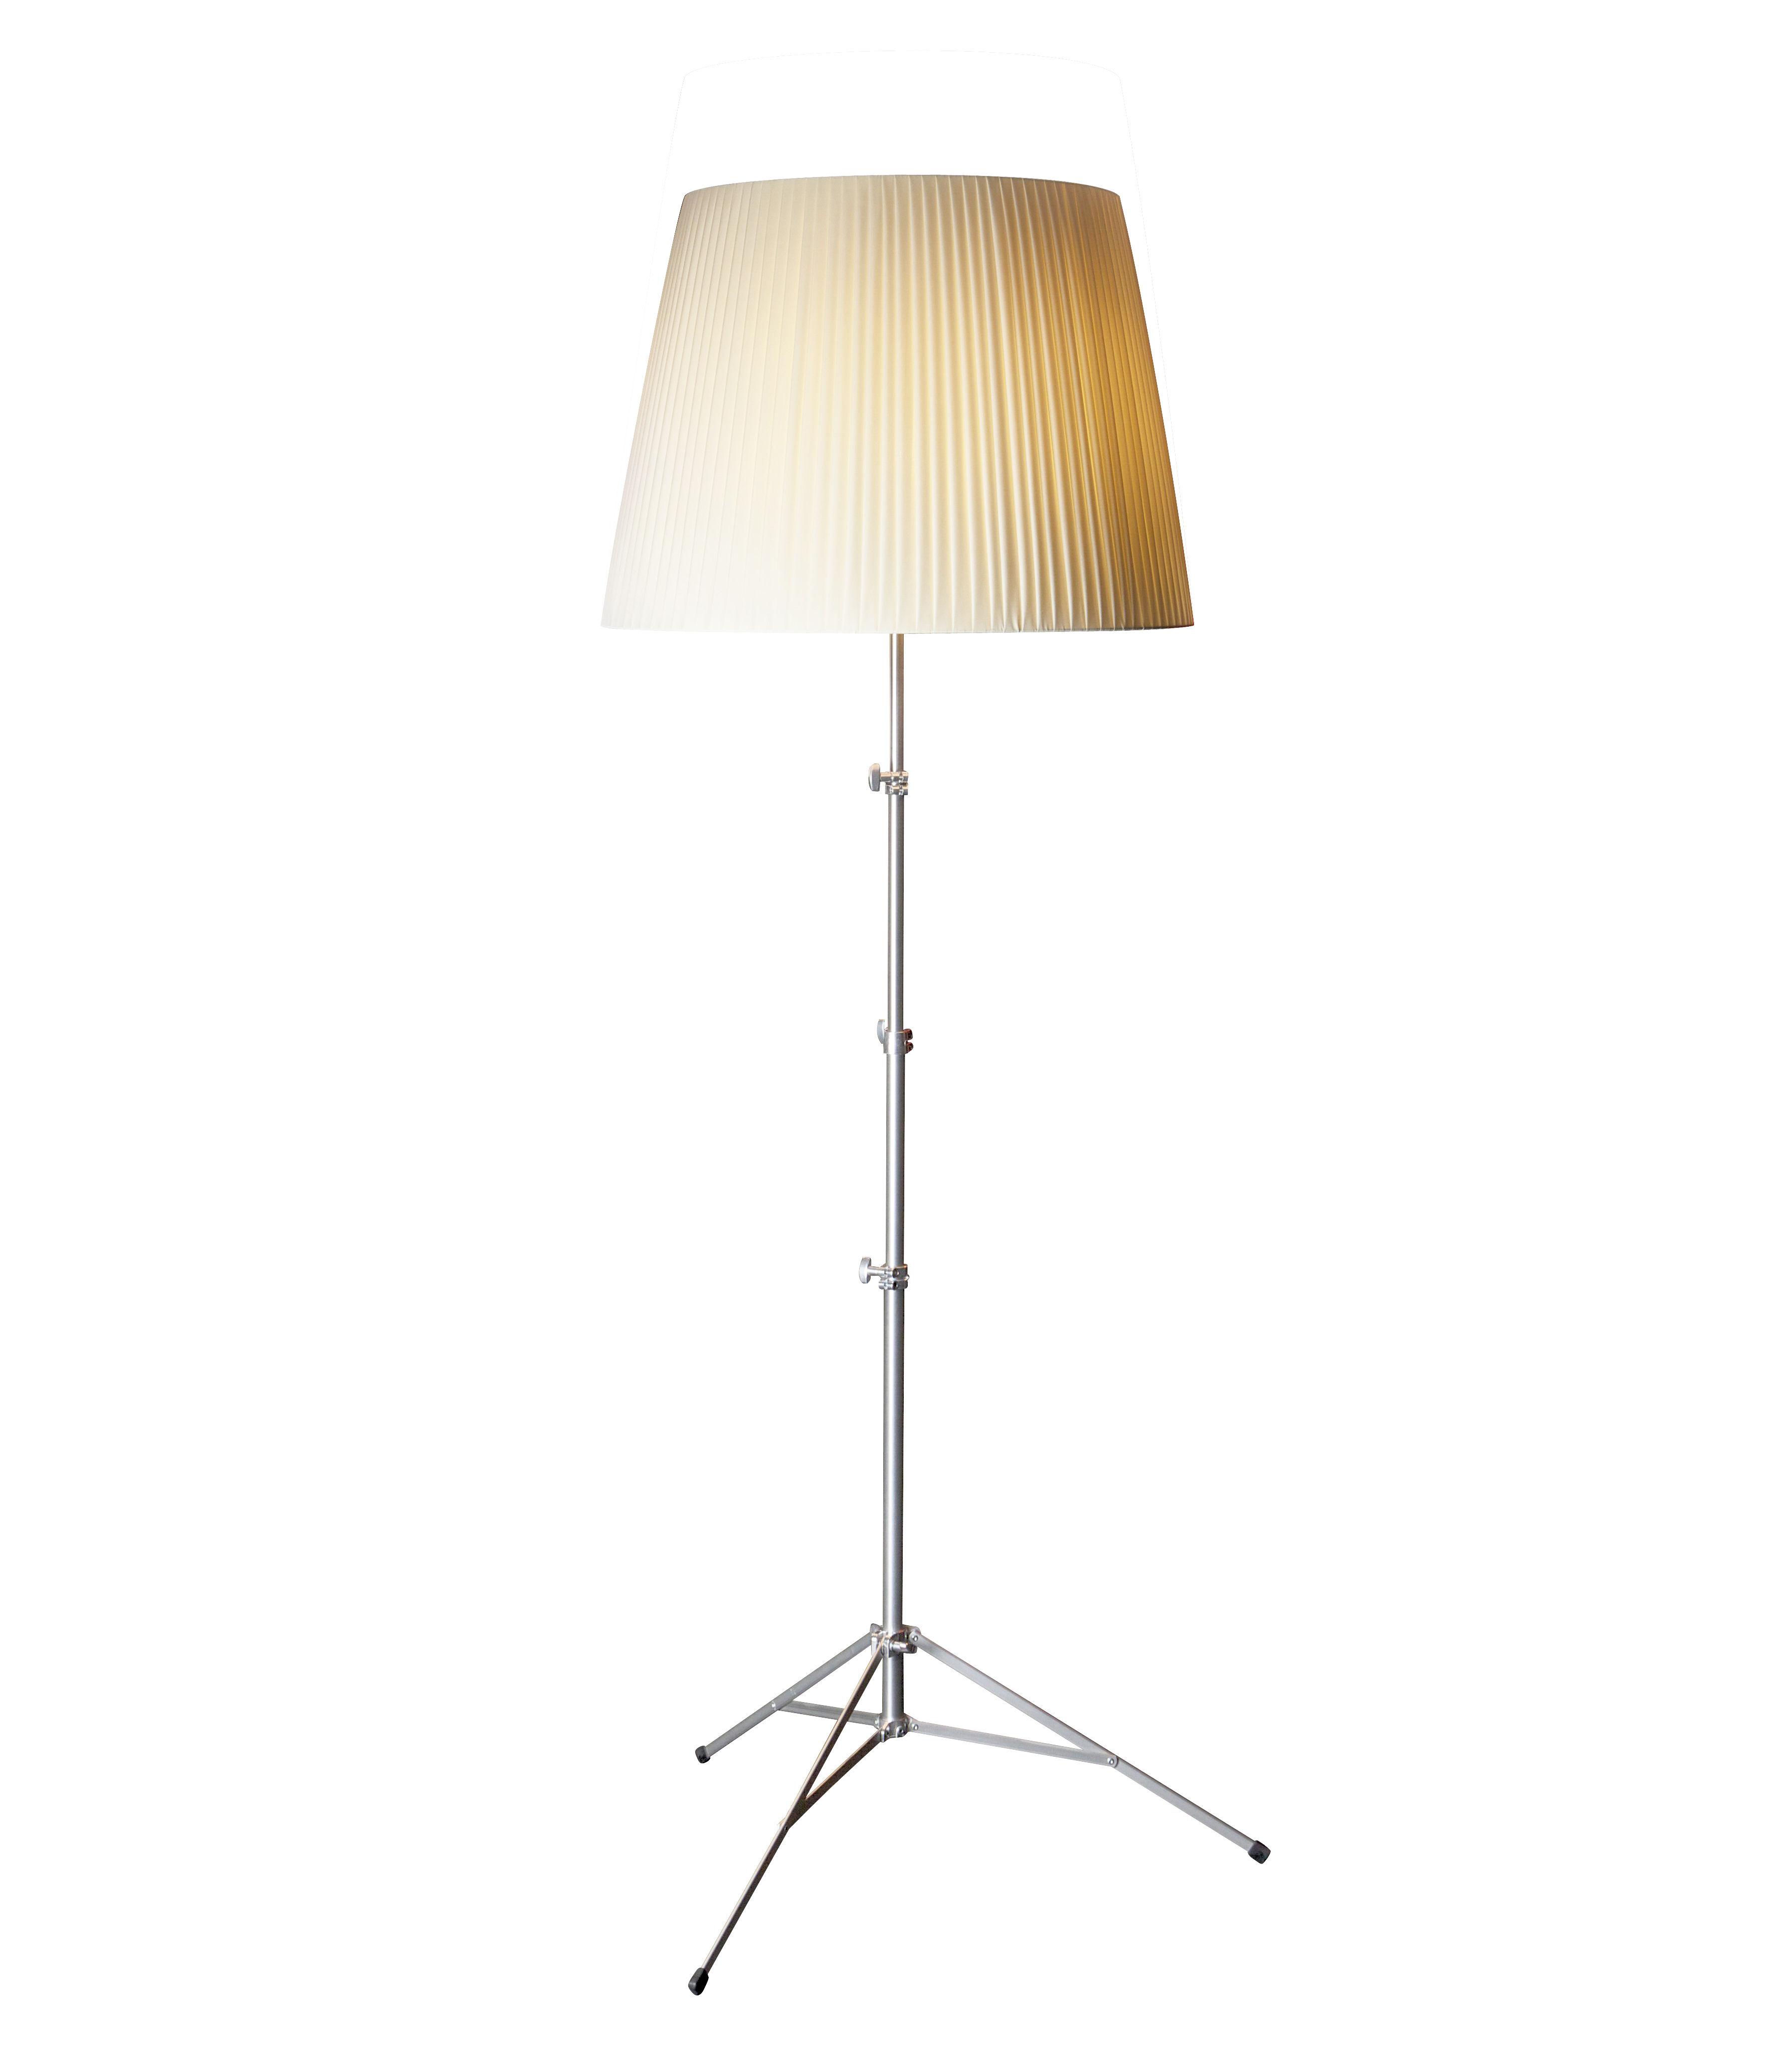 Luminaire - Lampadaires - Lampadaire Baby Gilda /Téléscopique - H 91 à 153,5 cm - Pallucco - Ivoire - Métal nickelé, Tissu